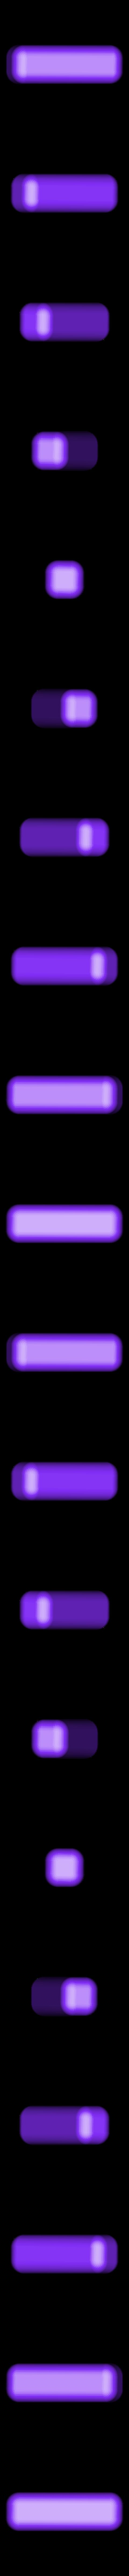 Pilar_6x6x18.STL Télécharger fichier STL gratuit Échecs démoctratiques • Modèle à imprimer en 3D, Ghashnarb